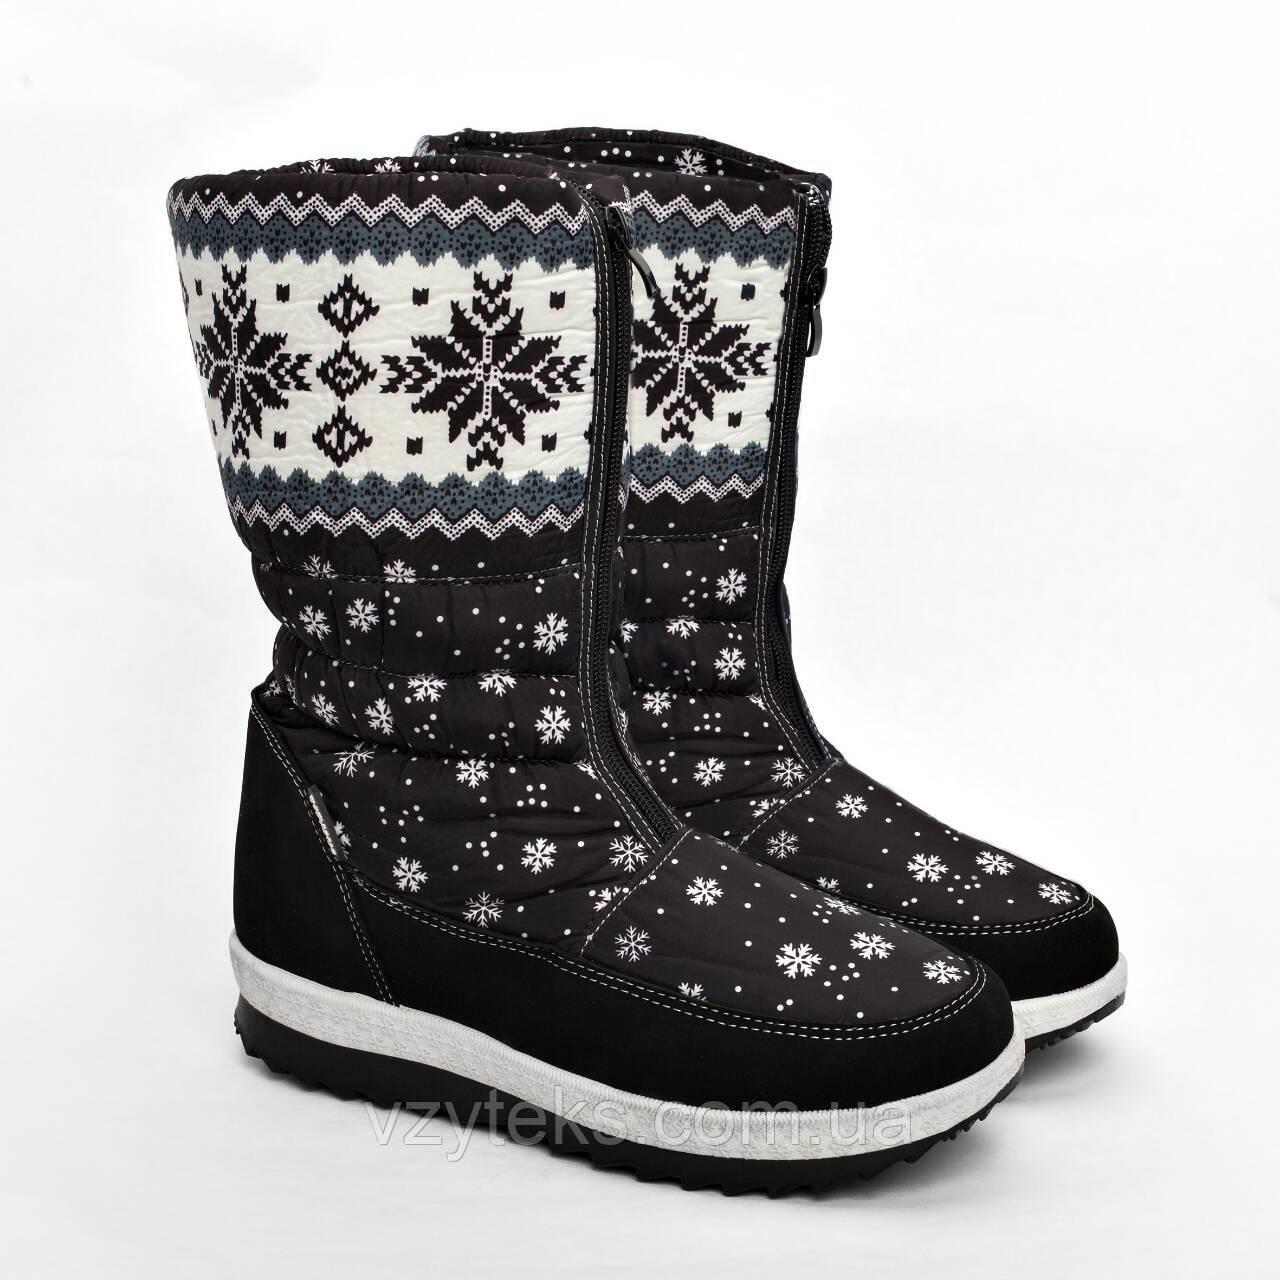 Дутики женские зимние со снежинками Гипанис - Центр обуви Взутекс в  Хмельницком 221de1627e07a